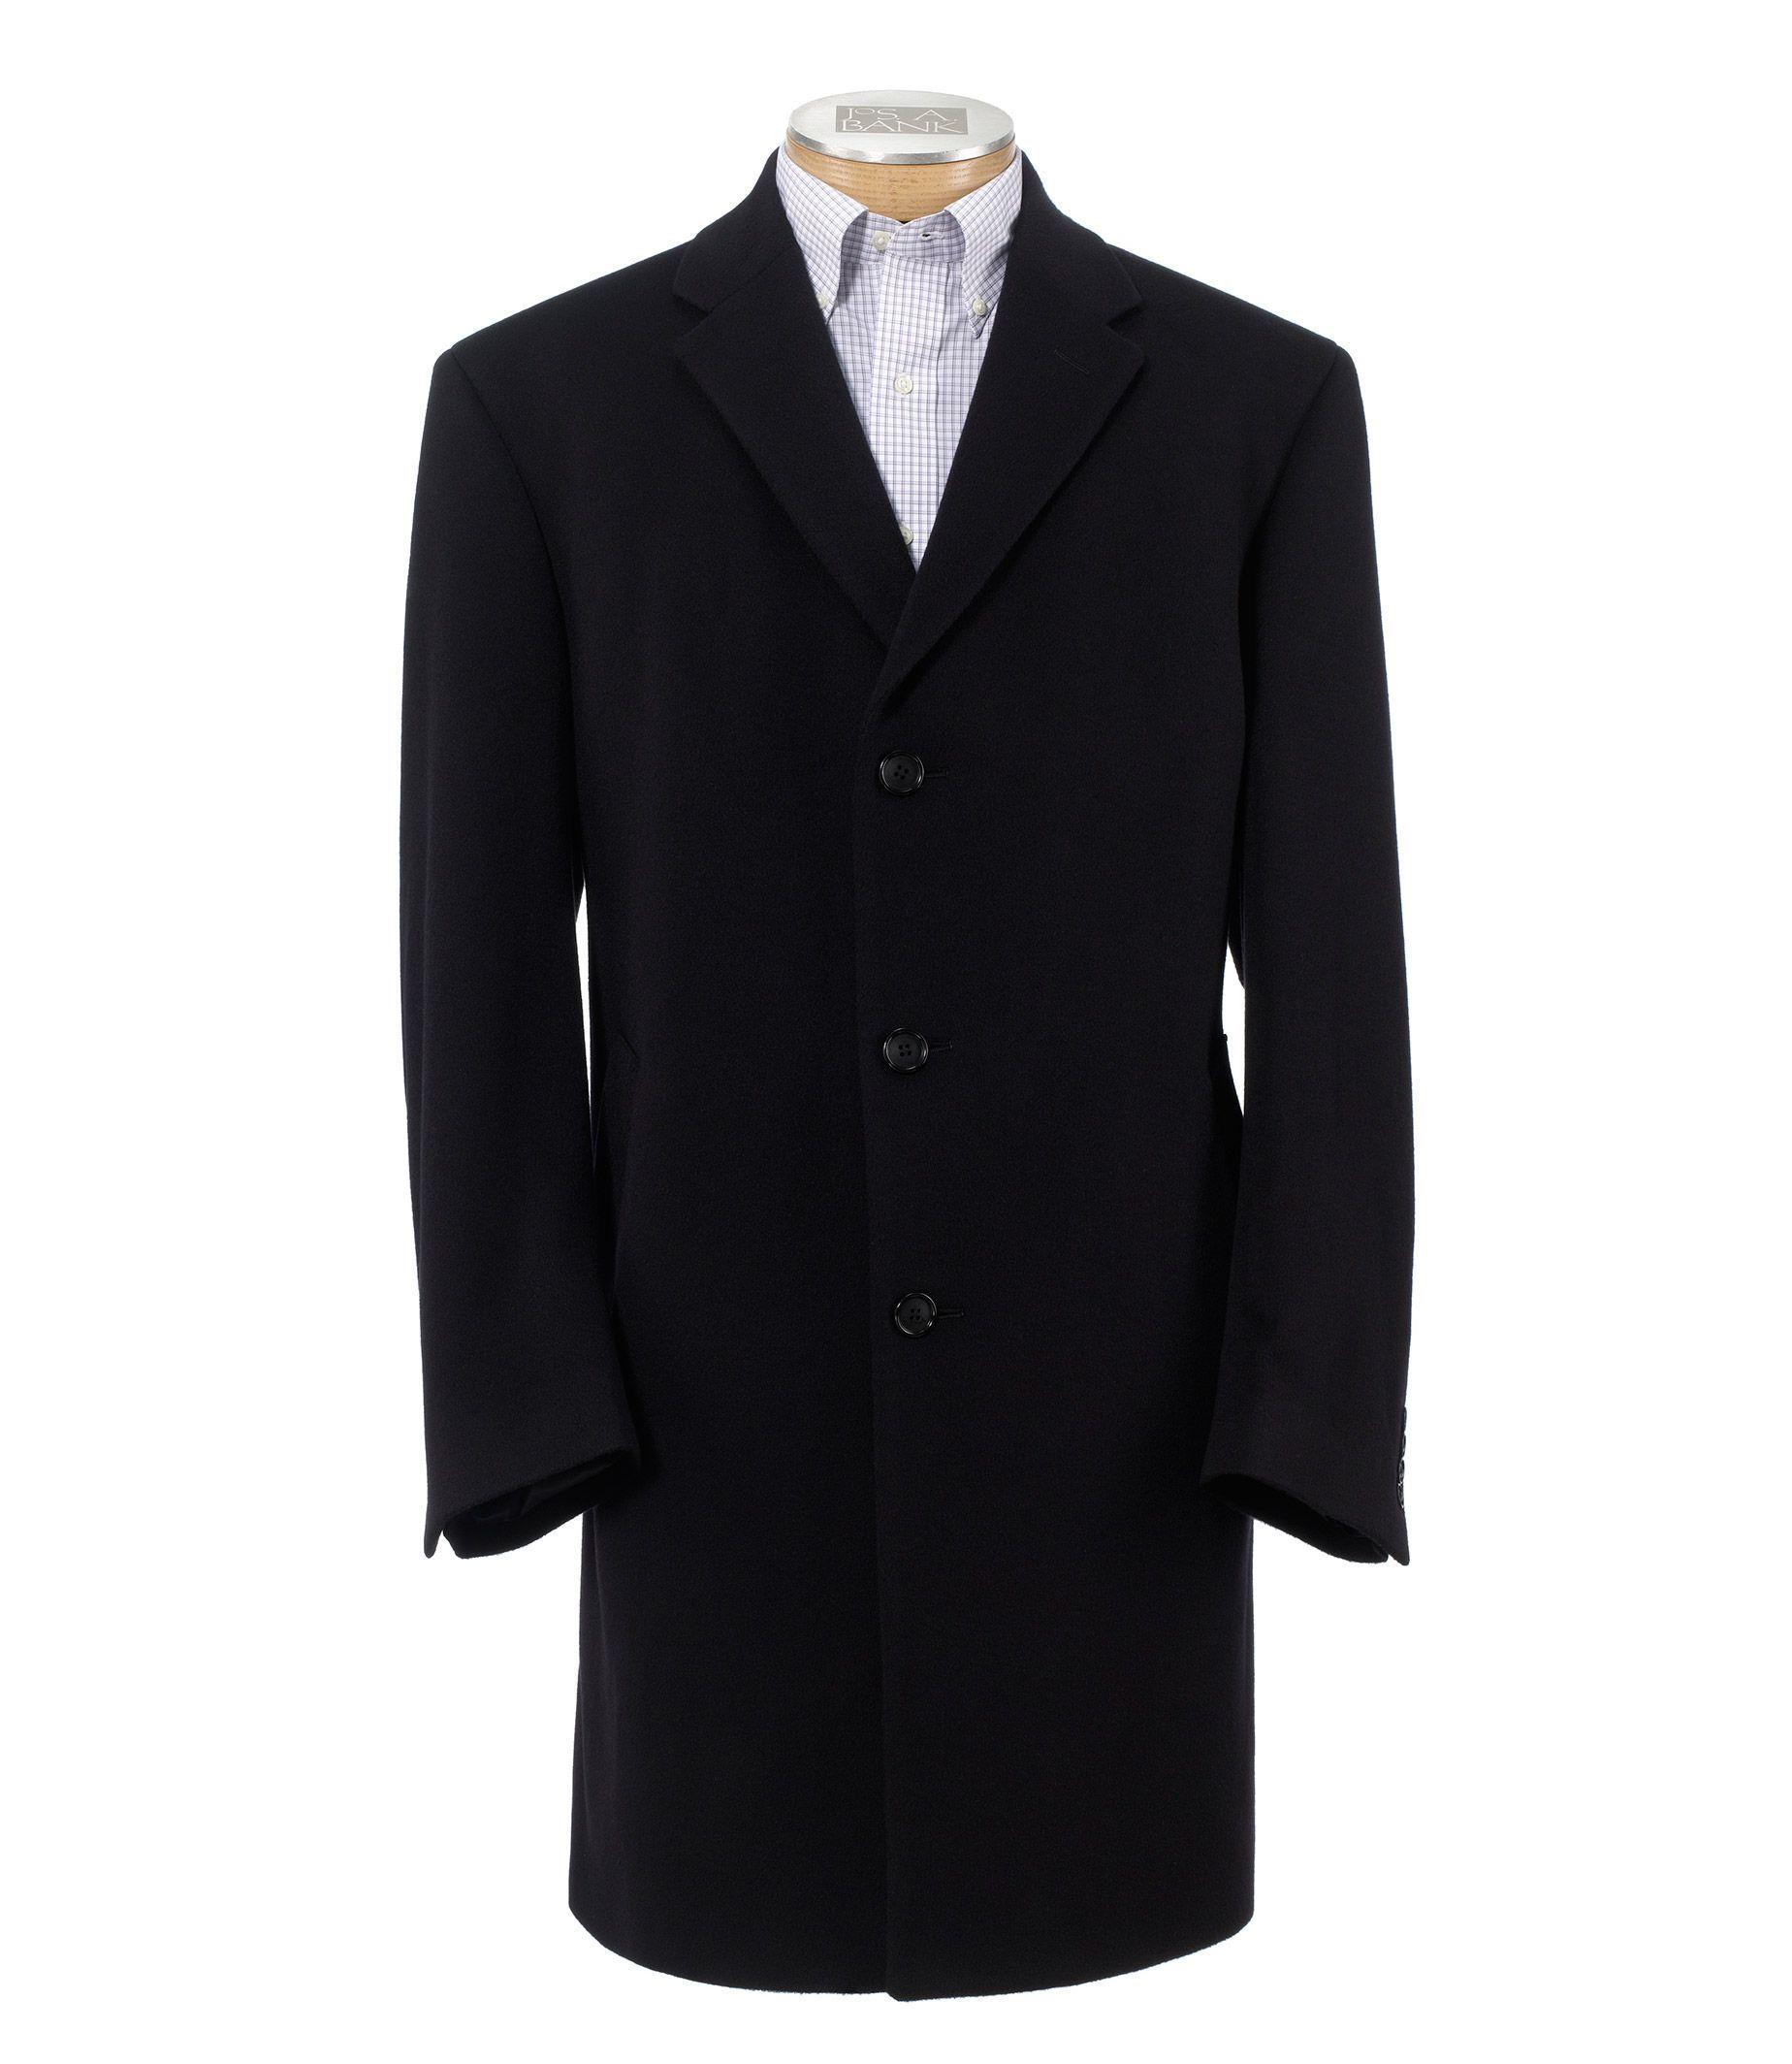 Signature Cashmere Three-Quarter Length Topcoat